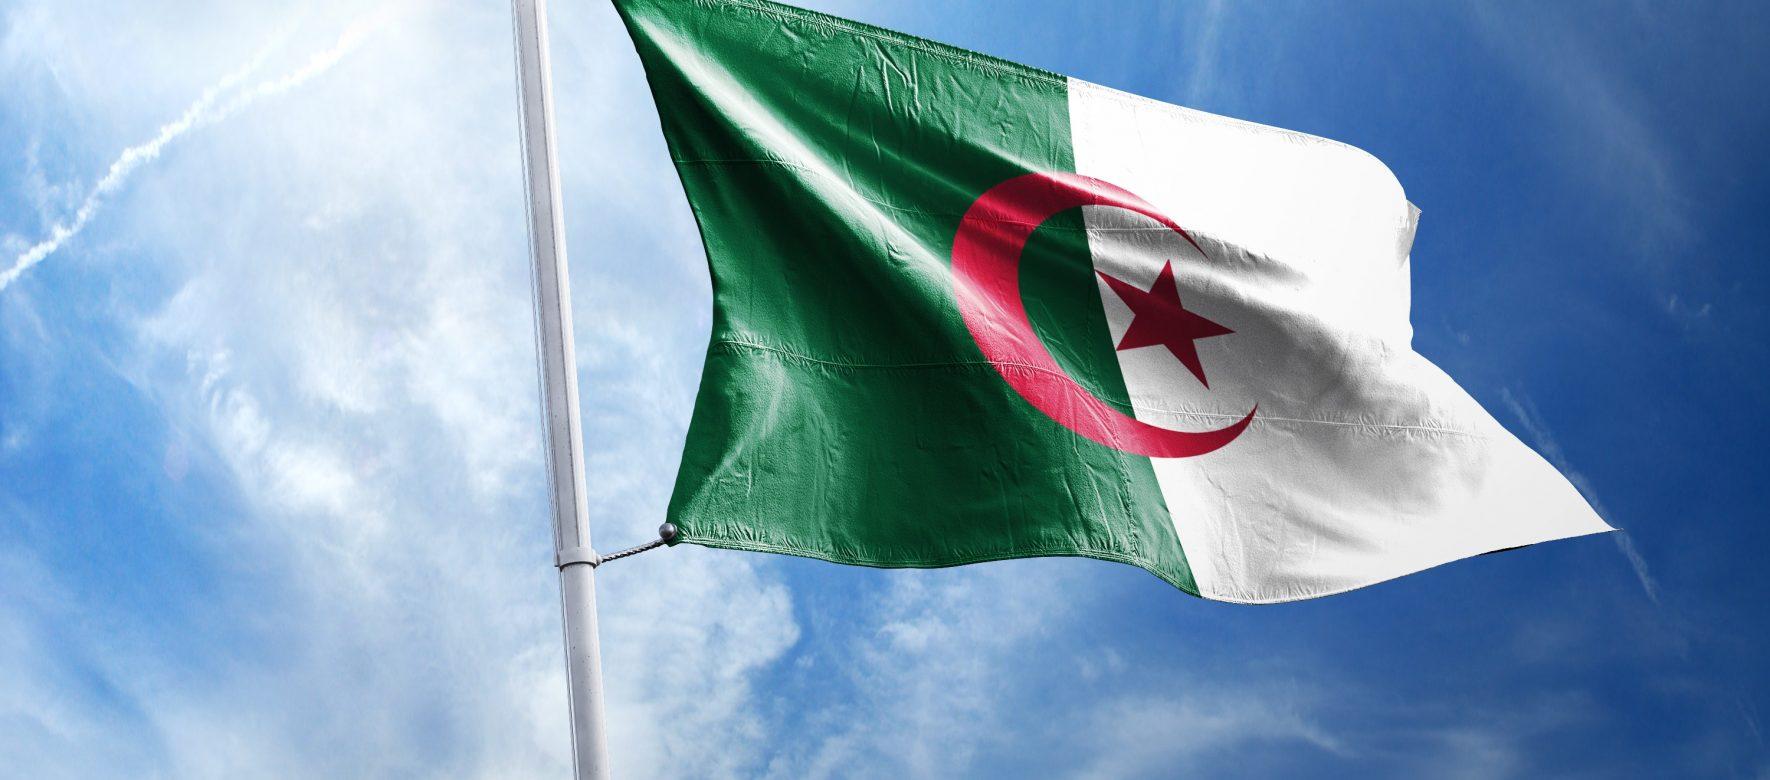 Algérie: Les partis d'opposition unissent leurs forces pour sortir de la crise politique